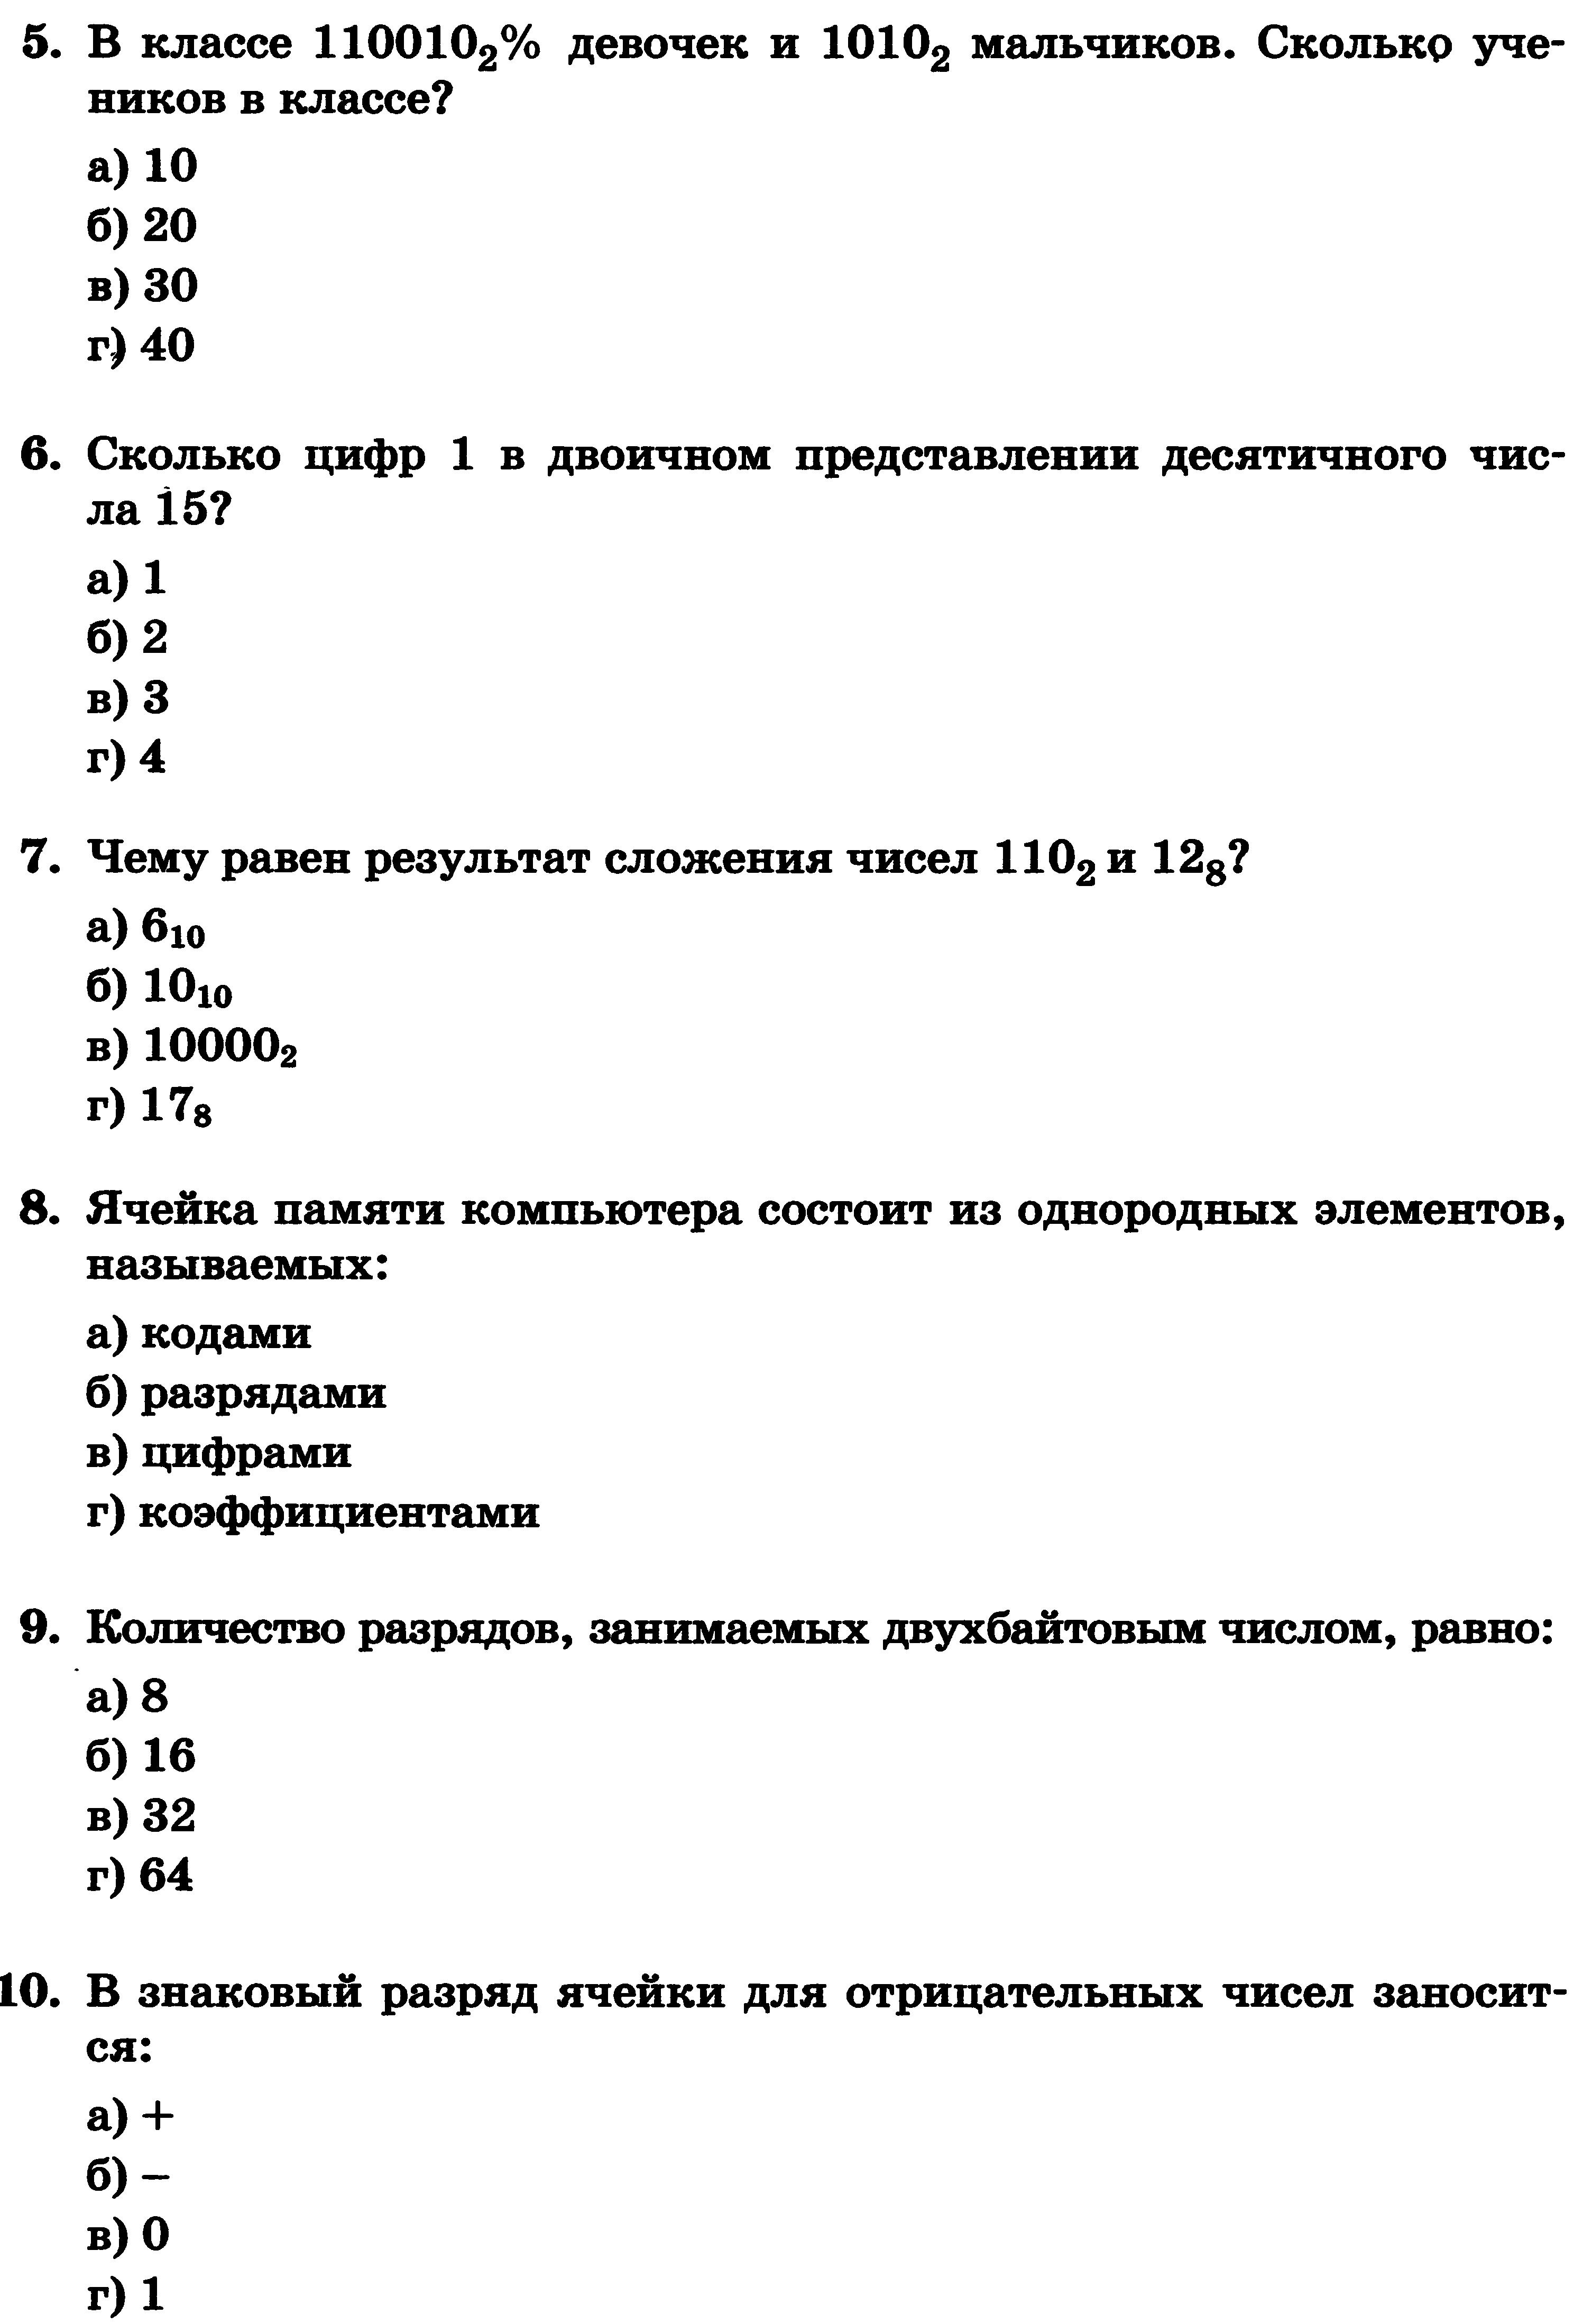 Количество разрядов занимаемых числом равно